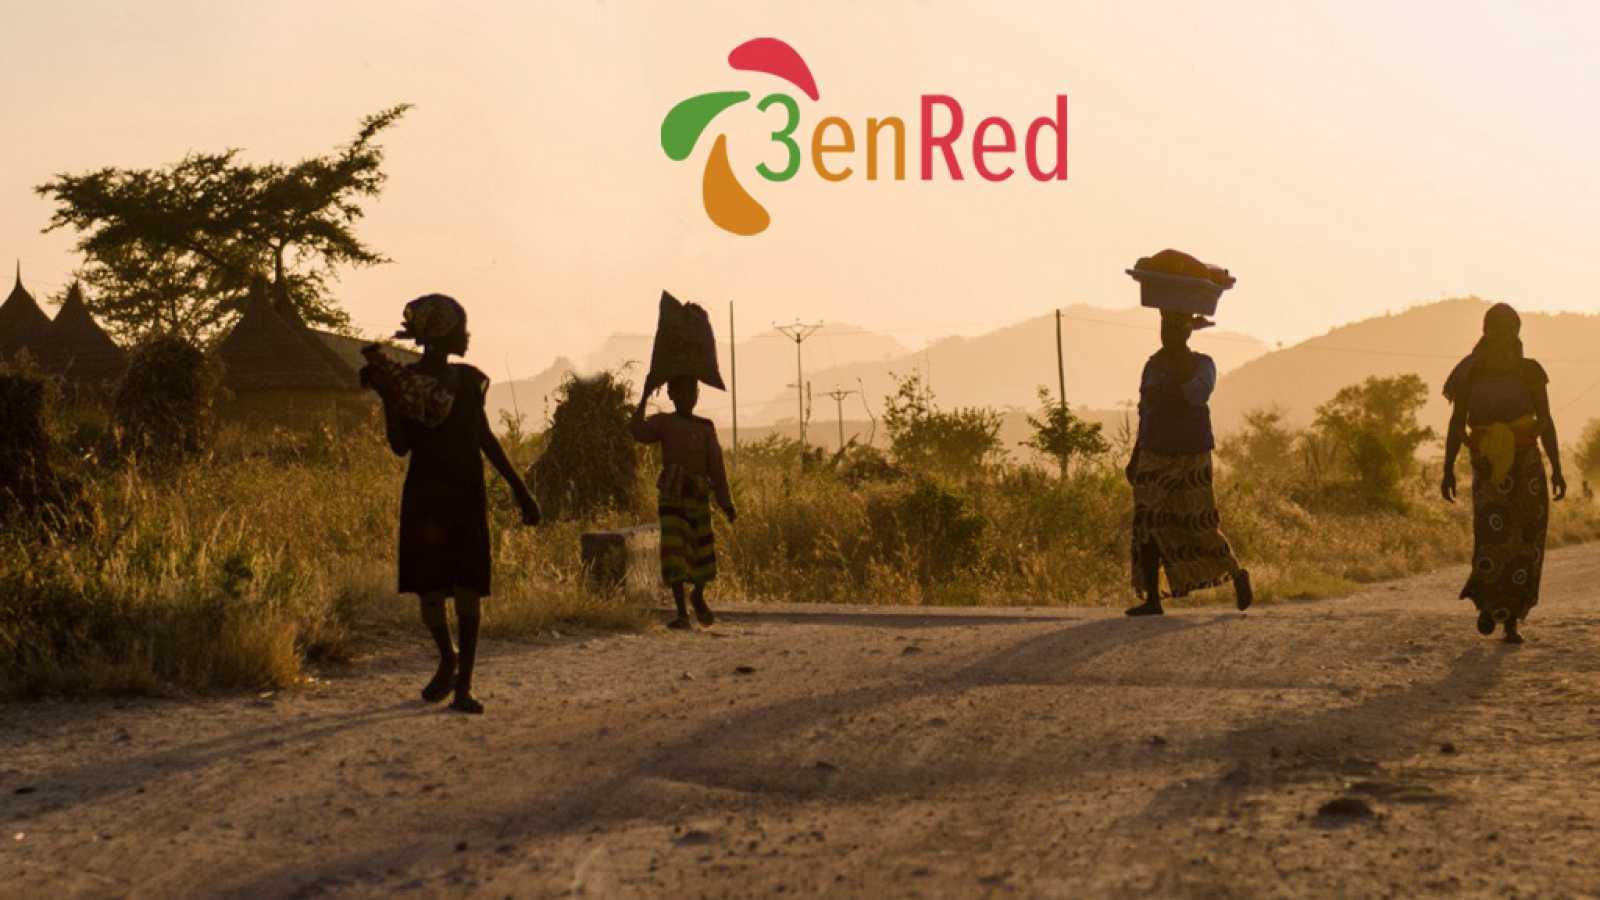 África hoy - Congreso 3enRed - 18/06/19 - escuchar ahora